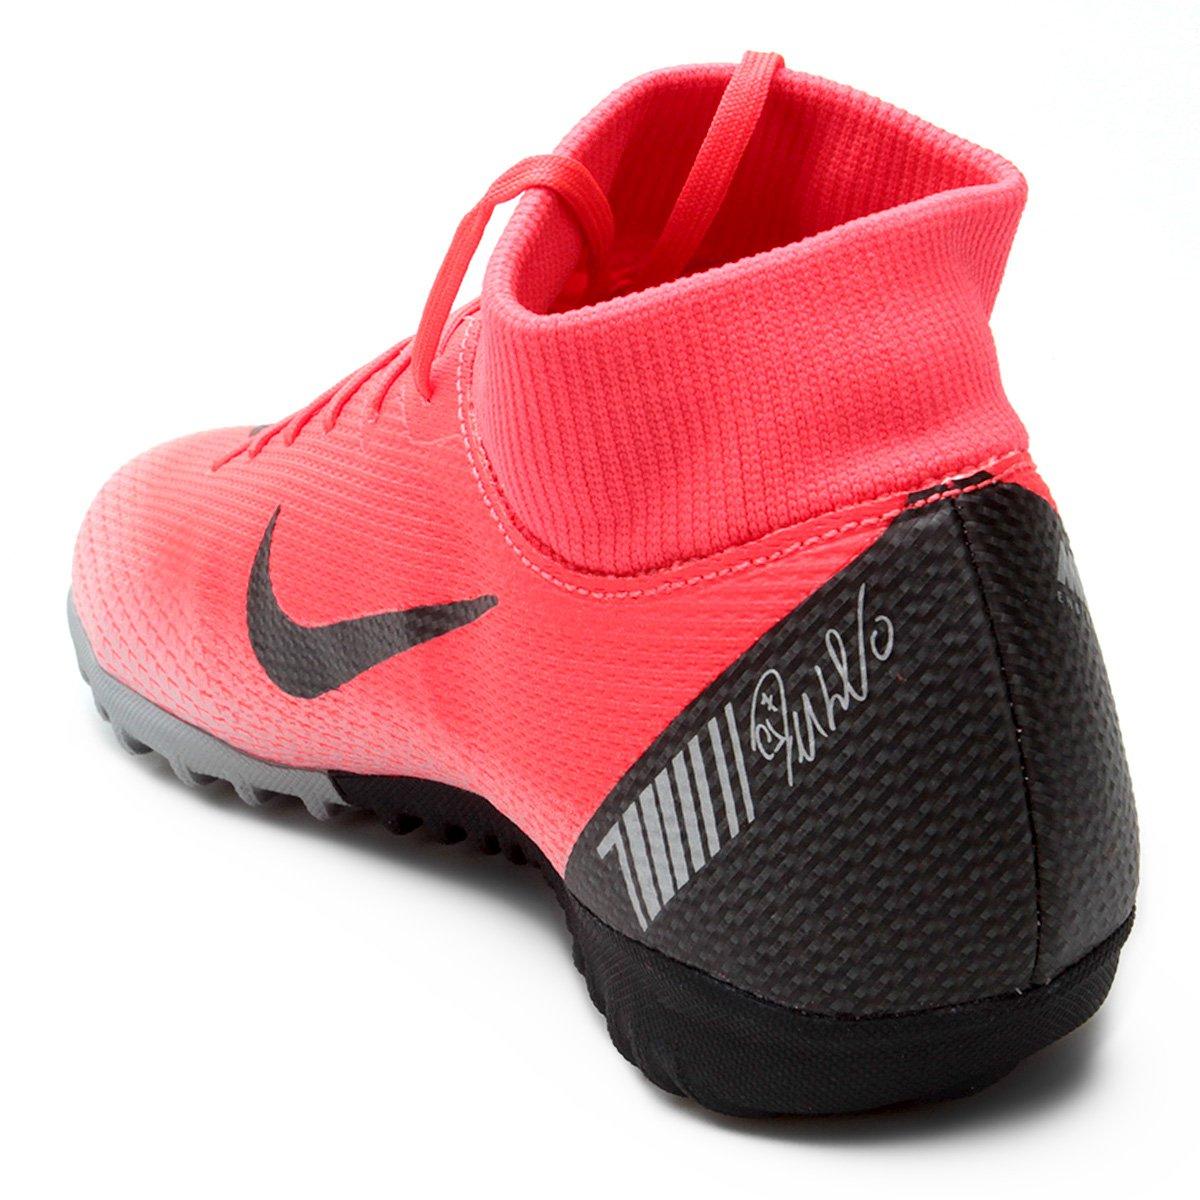 e2ac96c066 ... Foto 2 - Chuteira Society Nike Mercurial Superfly 6 Academy CR7 TF  Masculina